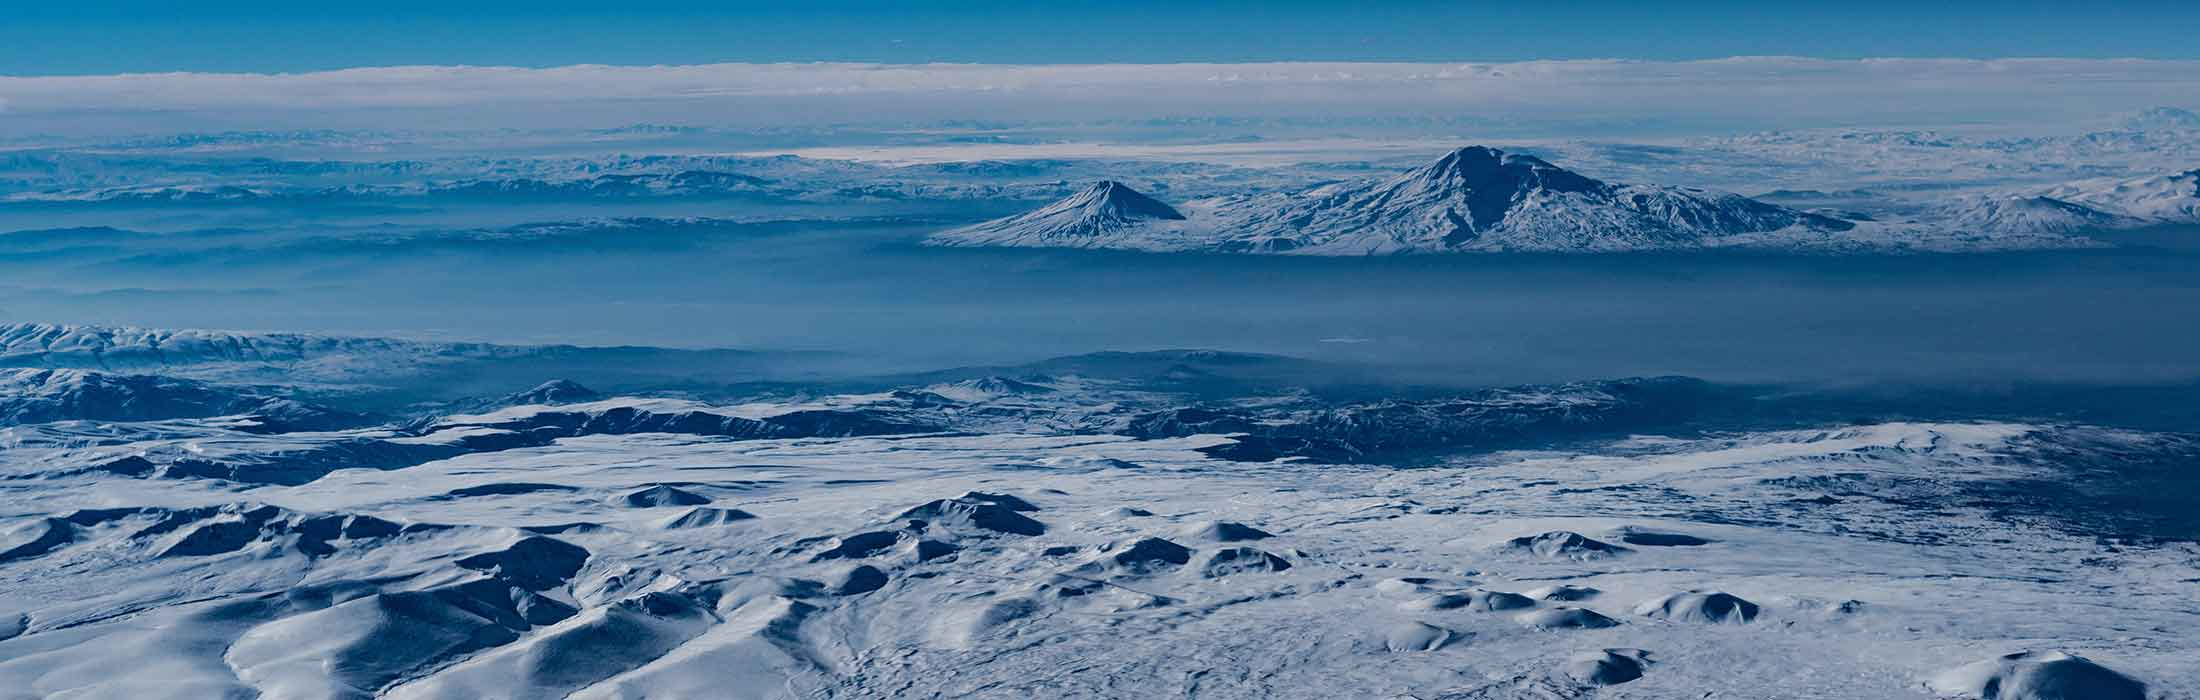 Weite Landschaft mit Schnee